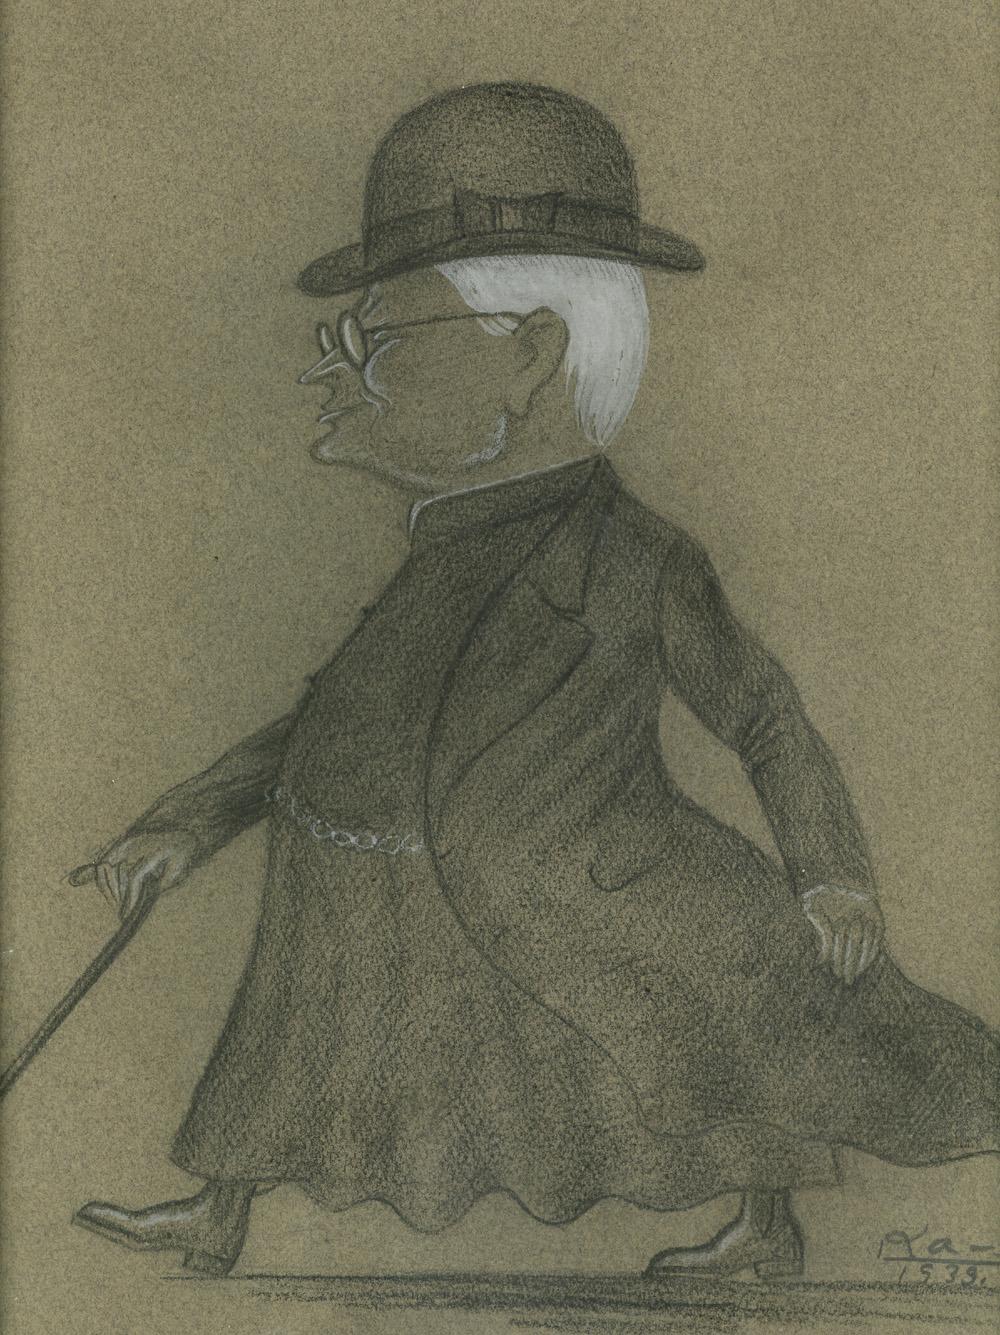 Dailininko L. Kagano draugiškas šaržas. 1932 m.